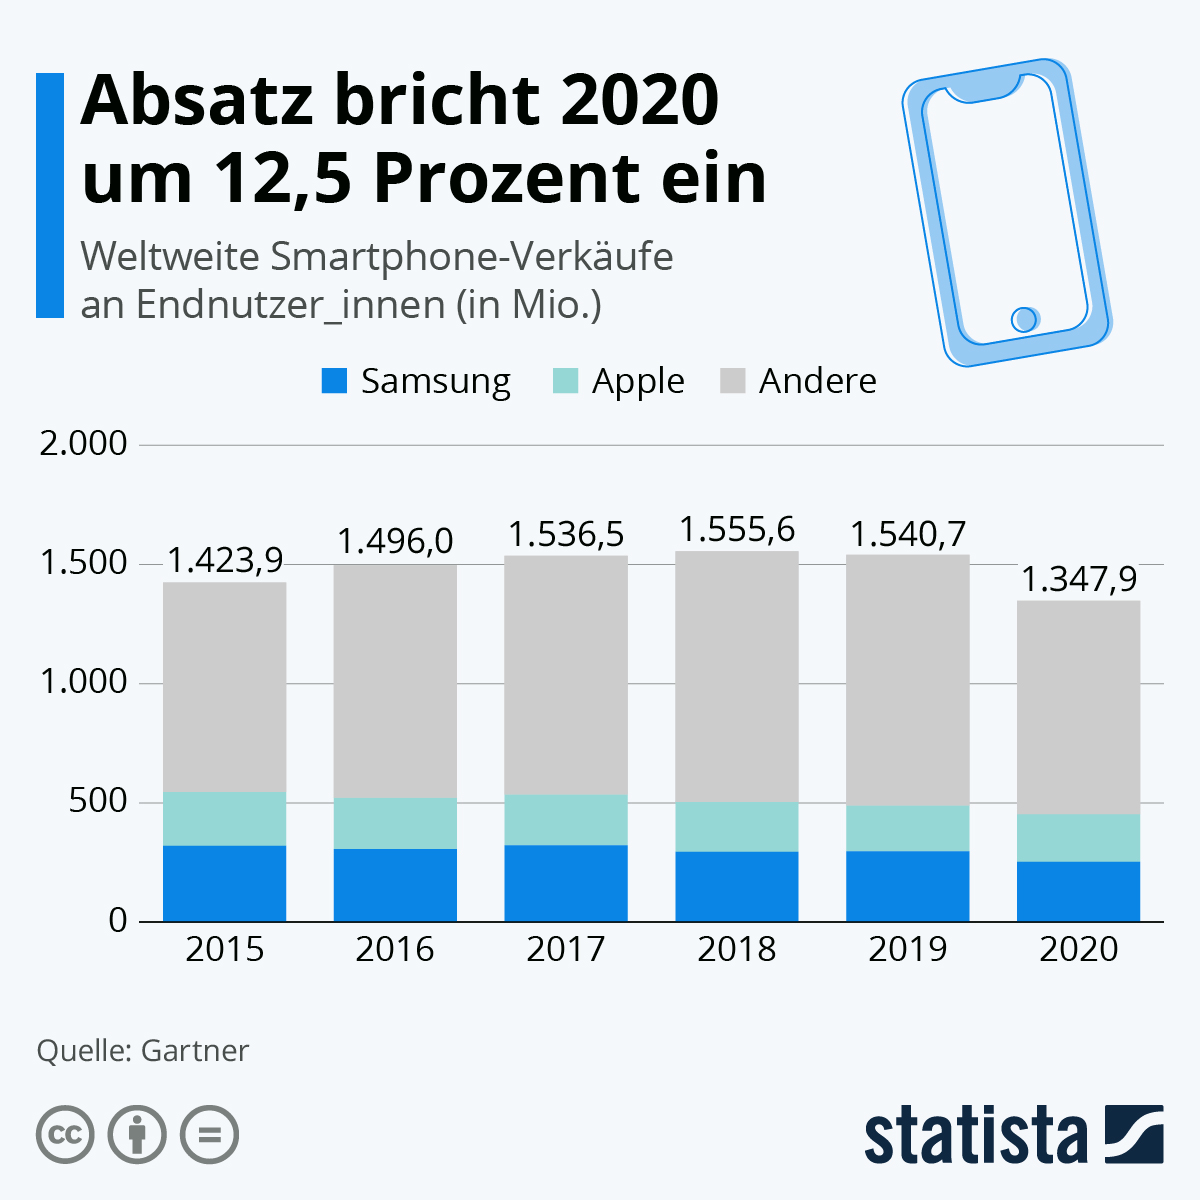 Der Smartphone Absatz ist 2020 um 12,5 Prozent eingebrochen.